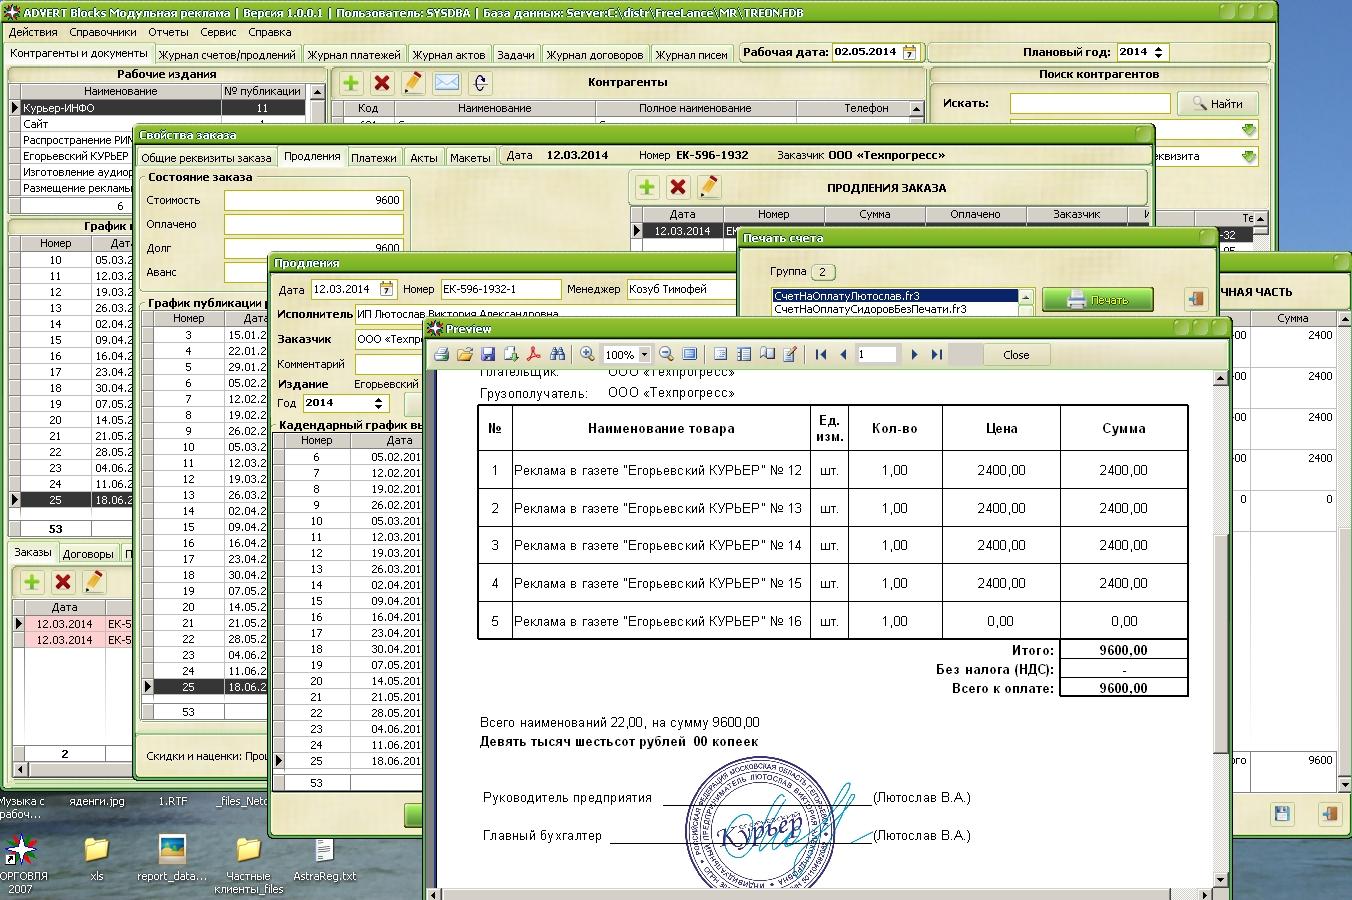 Профессиональная система учета - Модульная реклама для производства журналов, газет,размещения рекламы на сайтах и учета